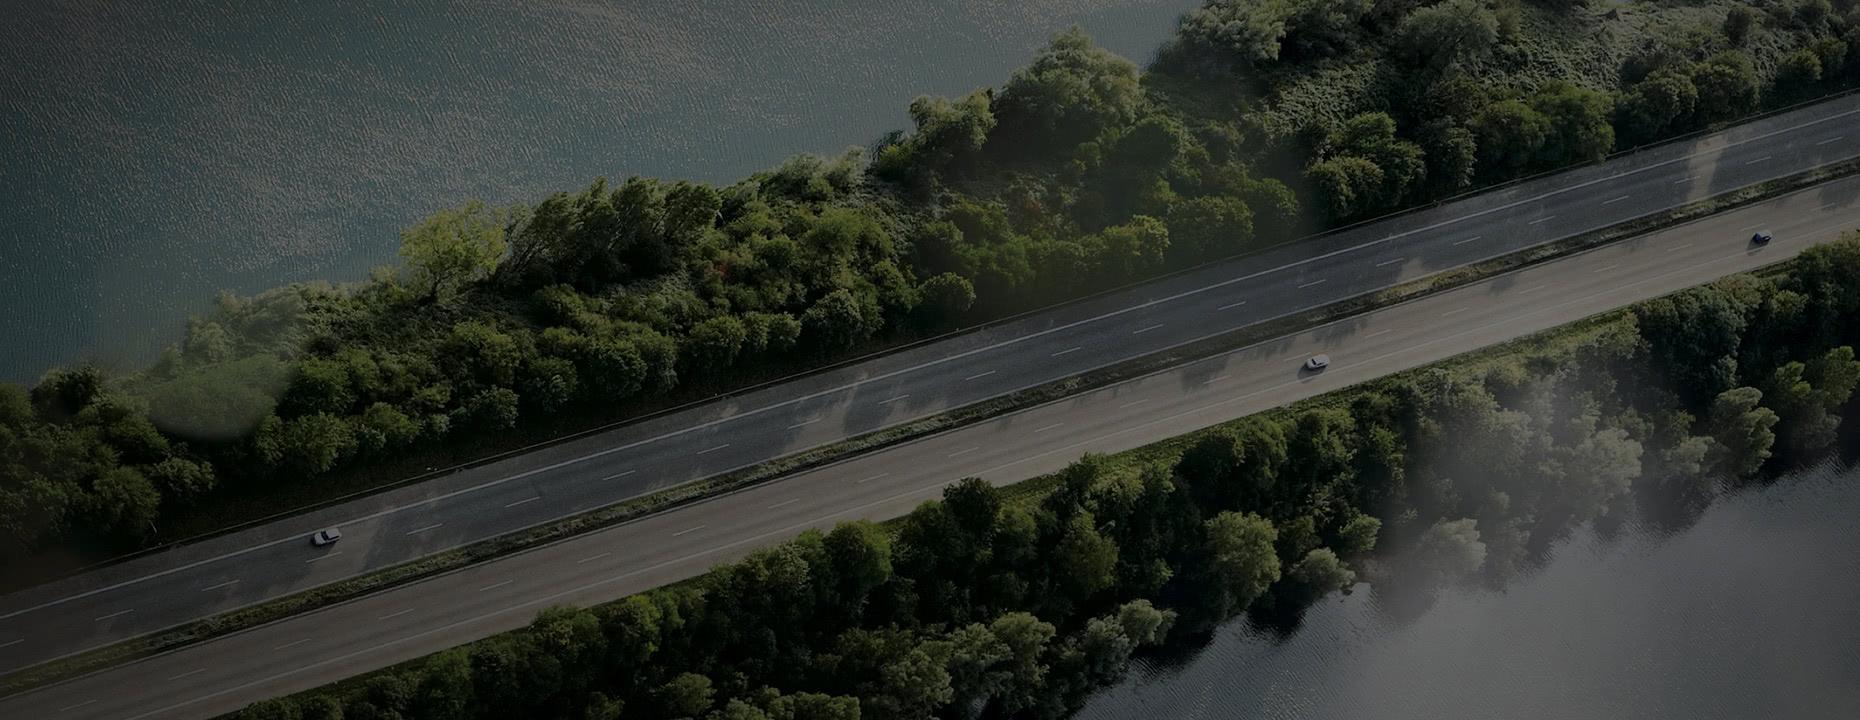 В Україні стартують продажі Hyundai i30 Fastback | Захід Авто-М - фото 11